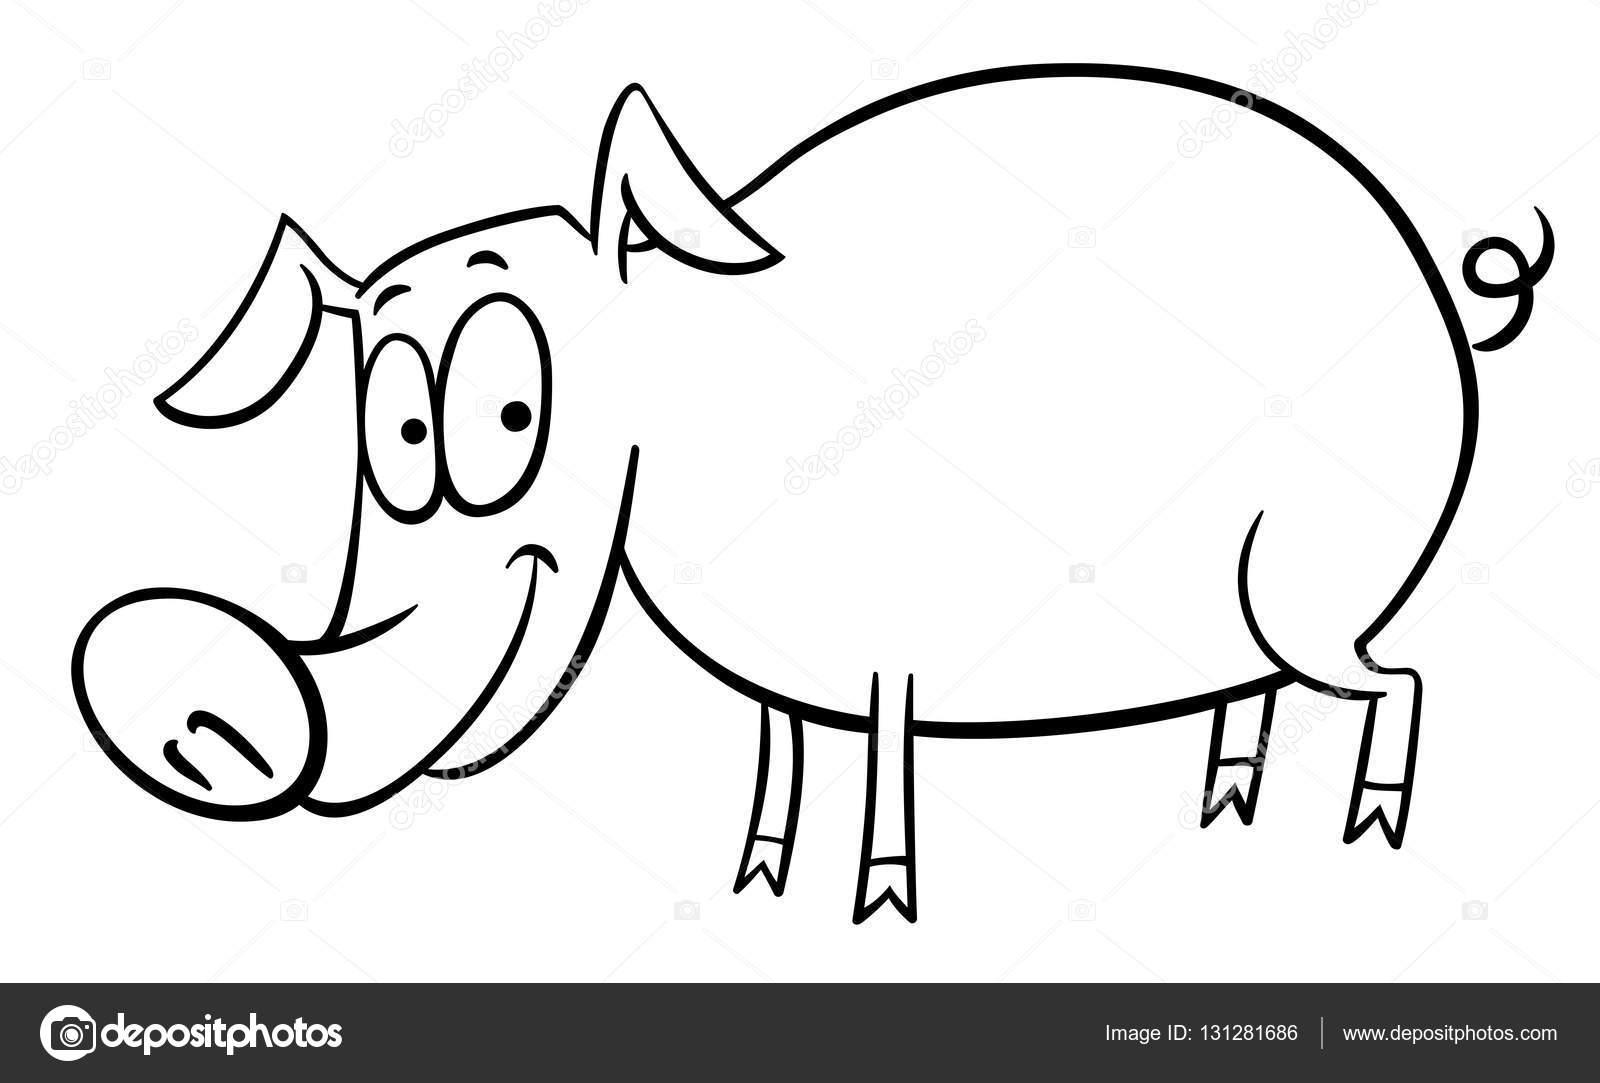 Página para colorear de dibujos animados cerdo — Archivo Imágenes ...